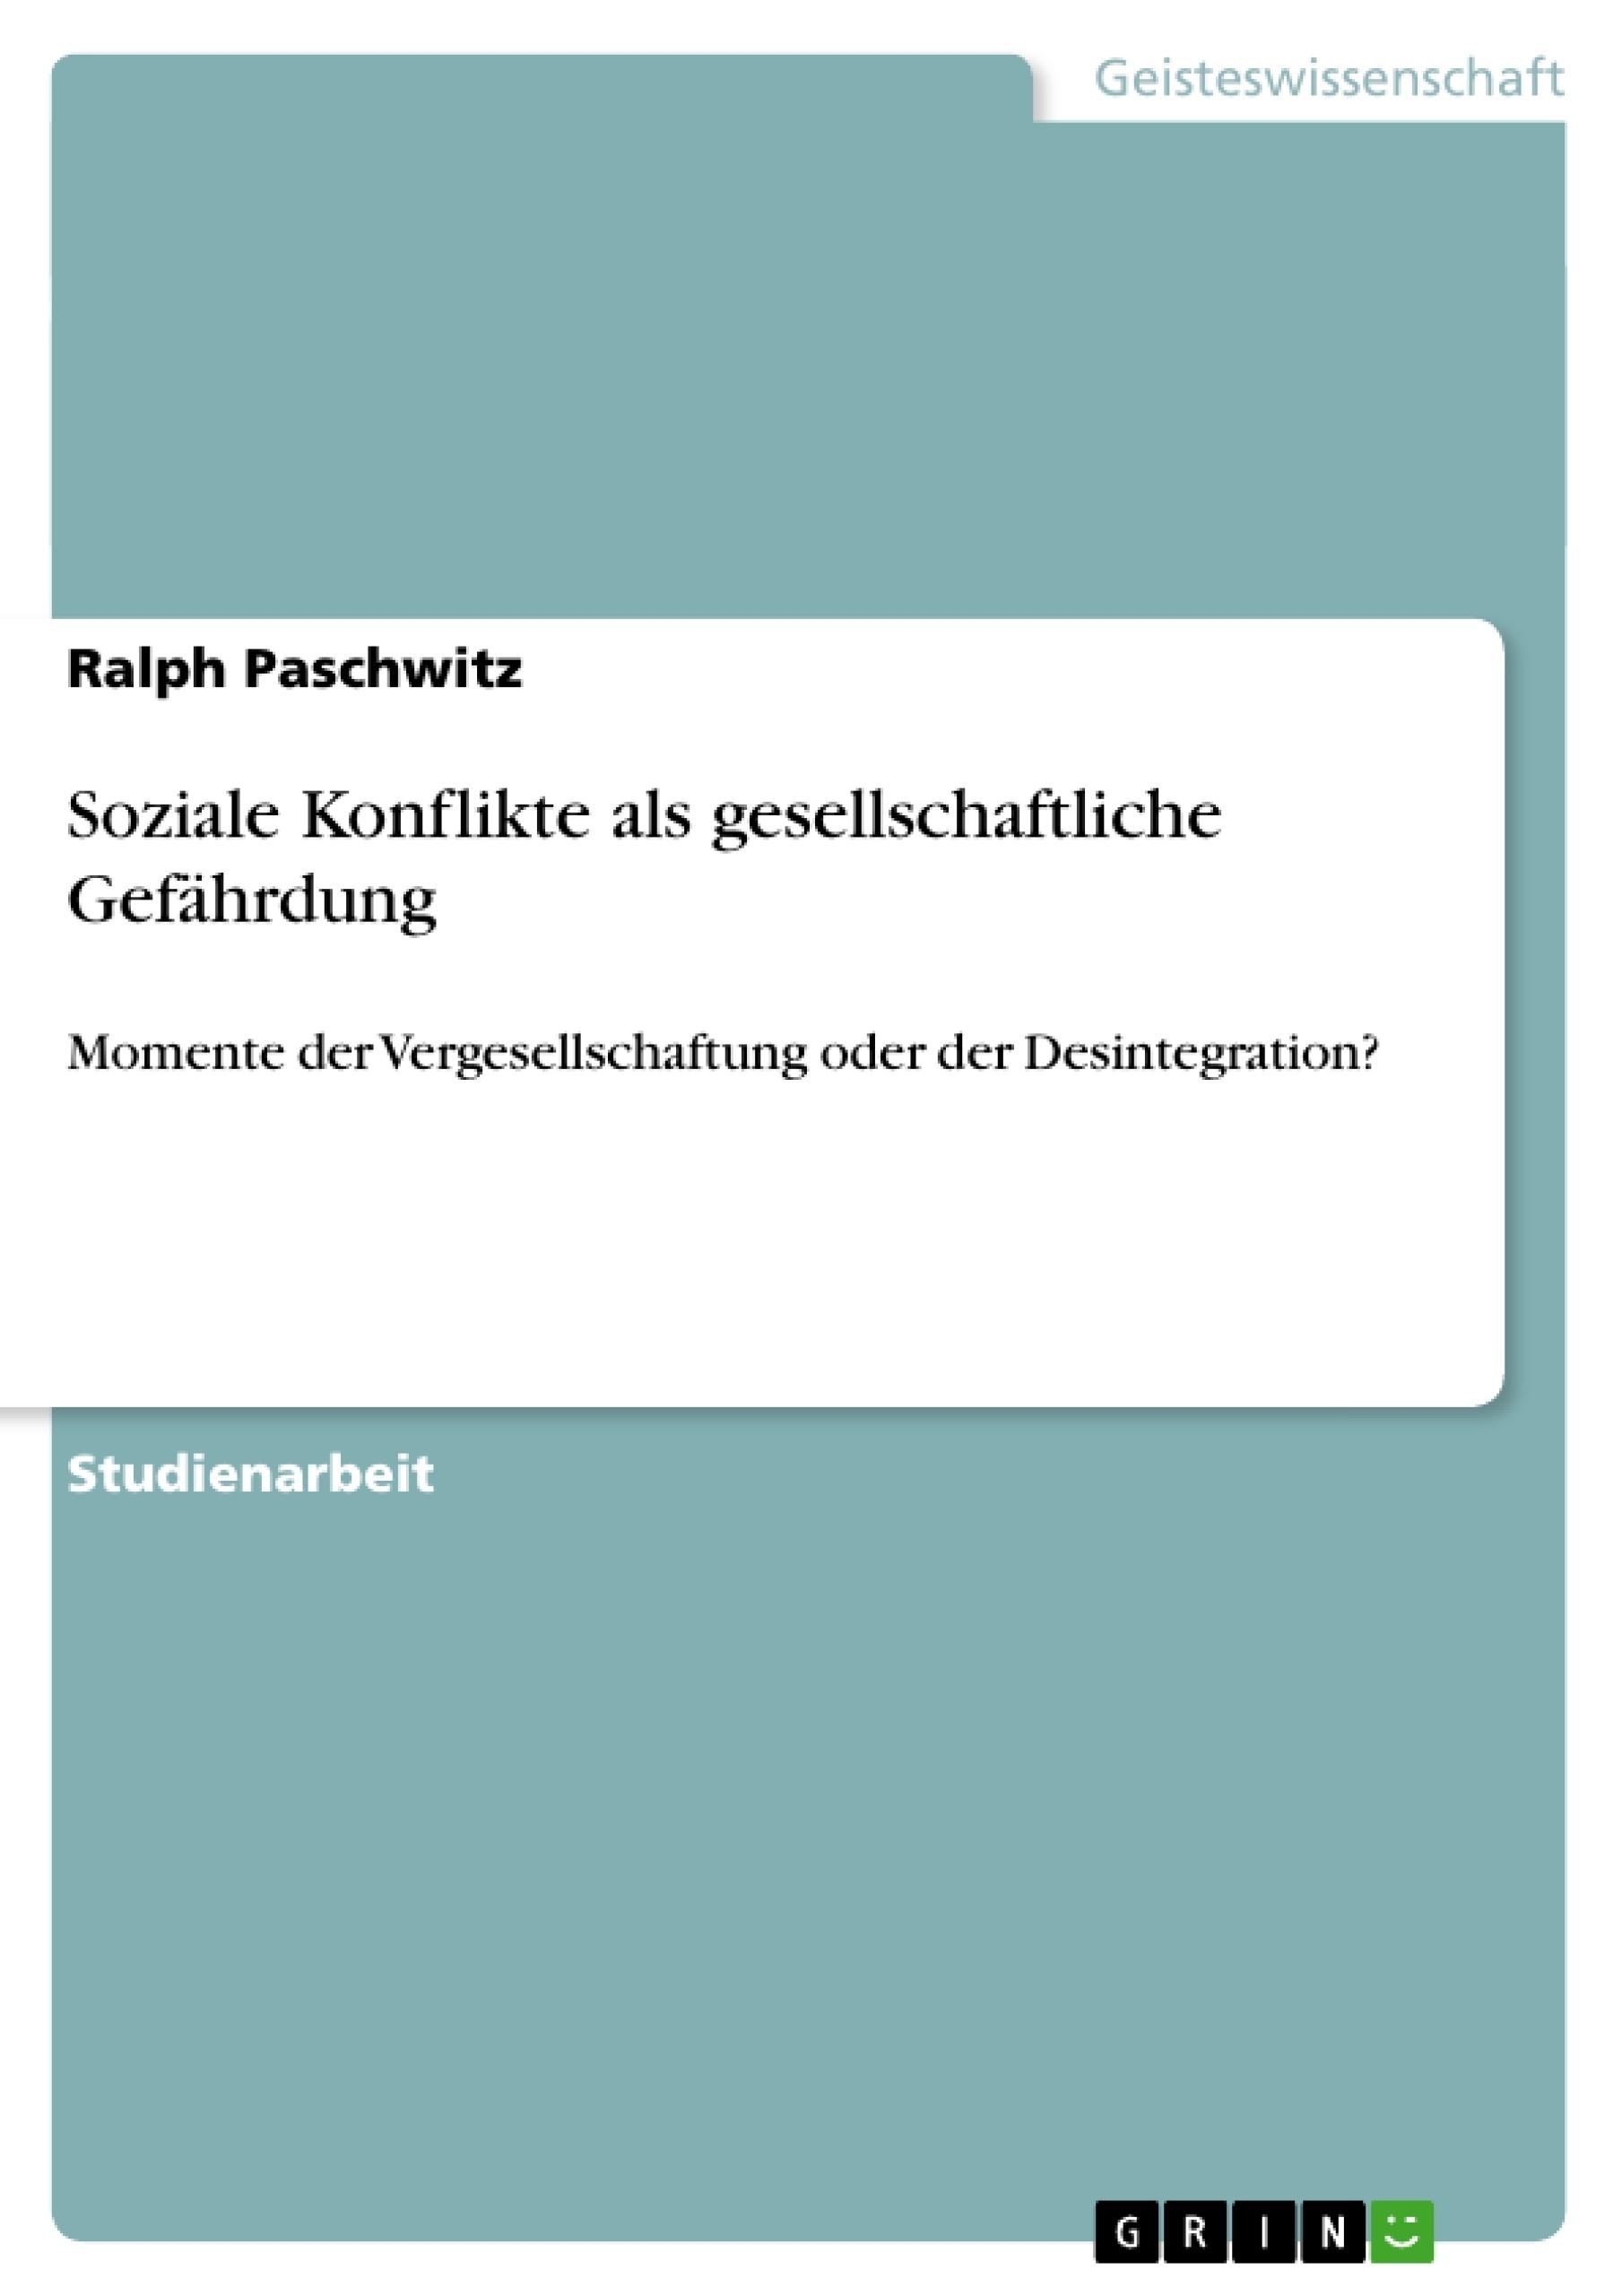 Titel: Soziale Konflikte als gesellschaftliche Gefährdung